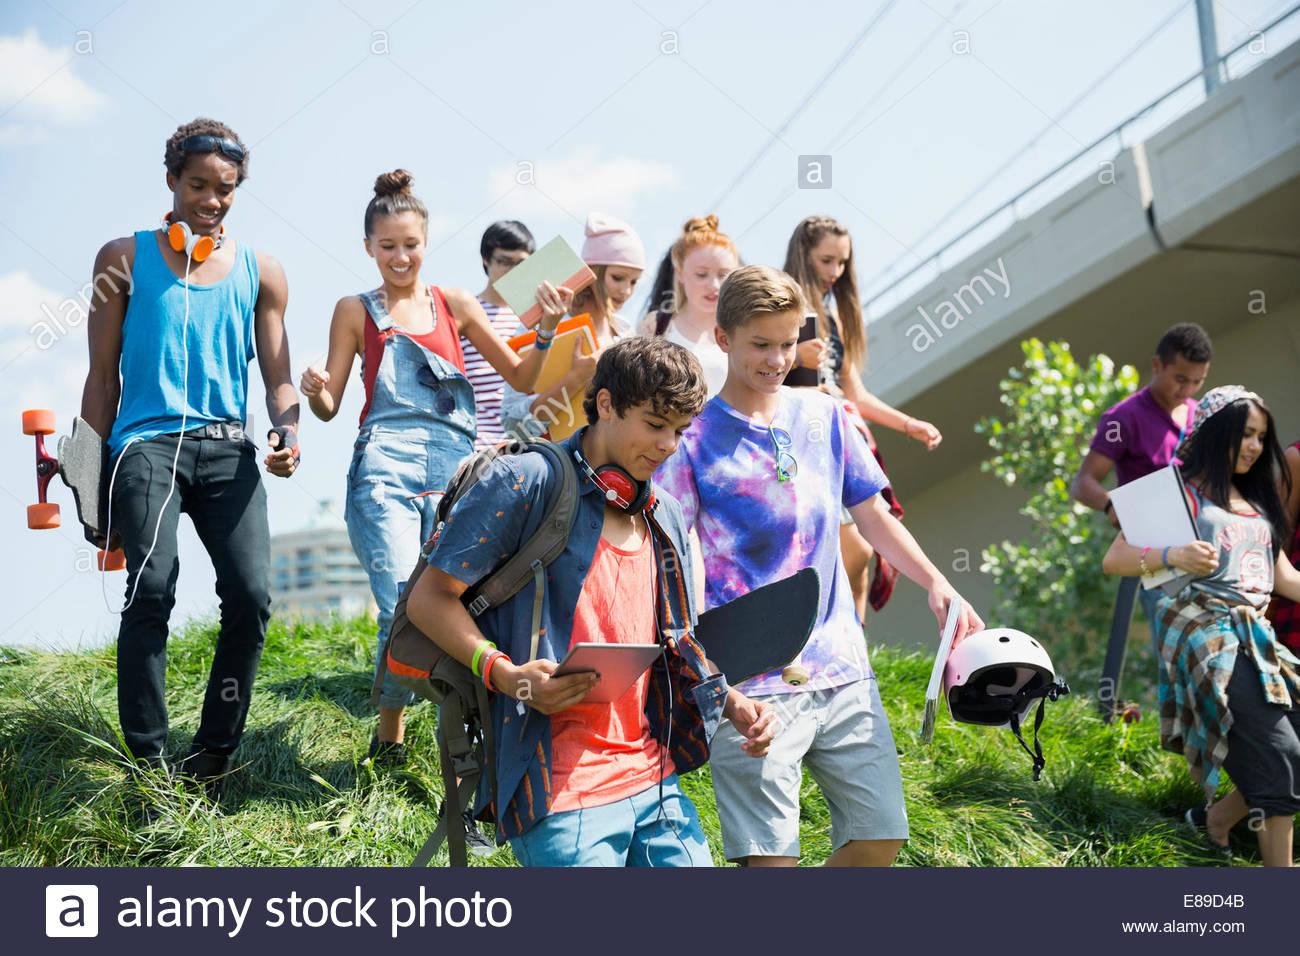 Les adolescents en descendant la pente gazonnée Photo Stock